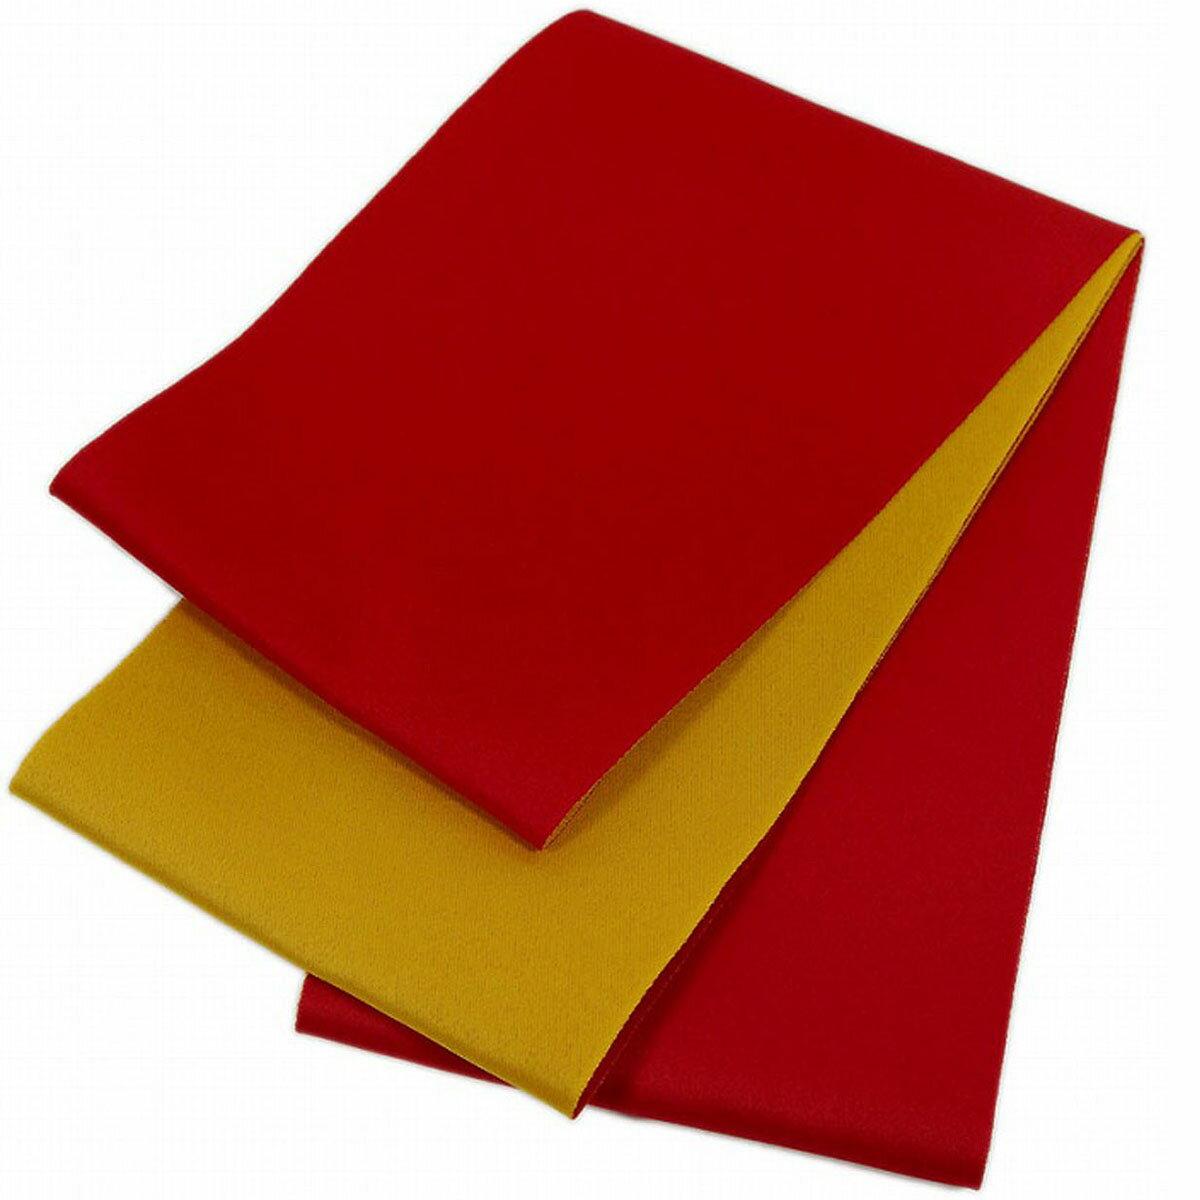 日本製 シンプル リバーシブル 浴衣帯 無地 赤×黄色 長尺 超長尺